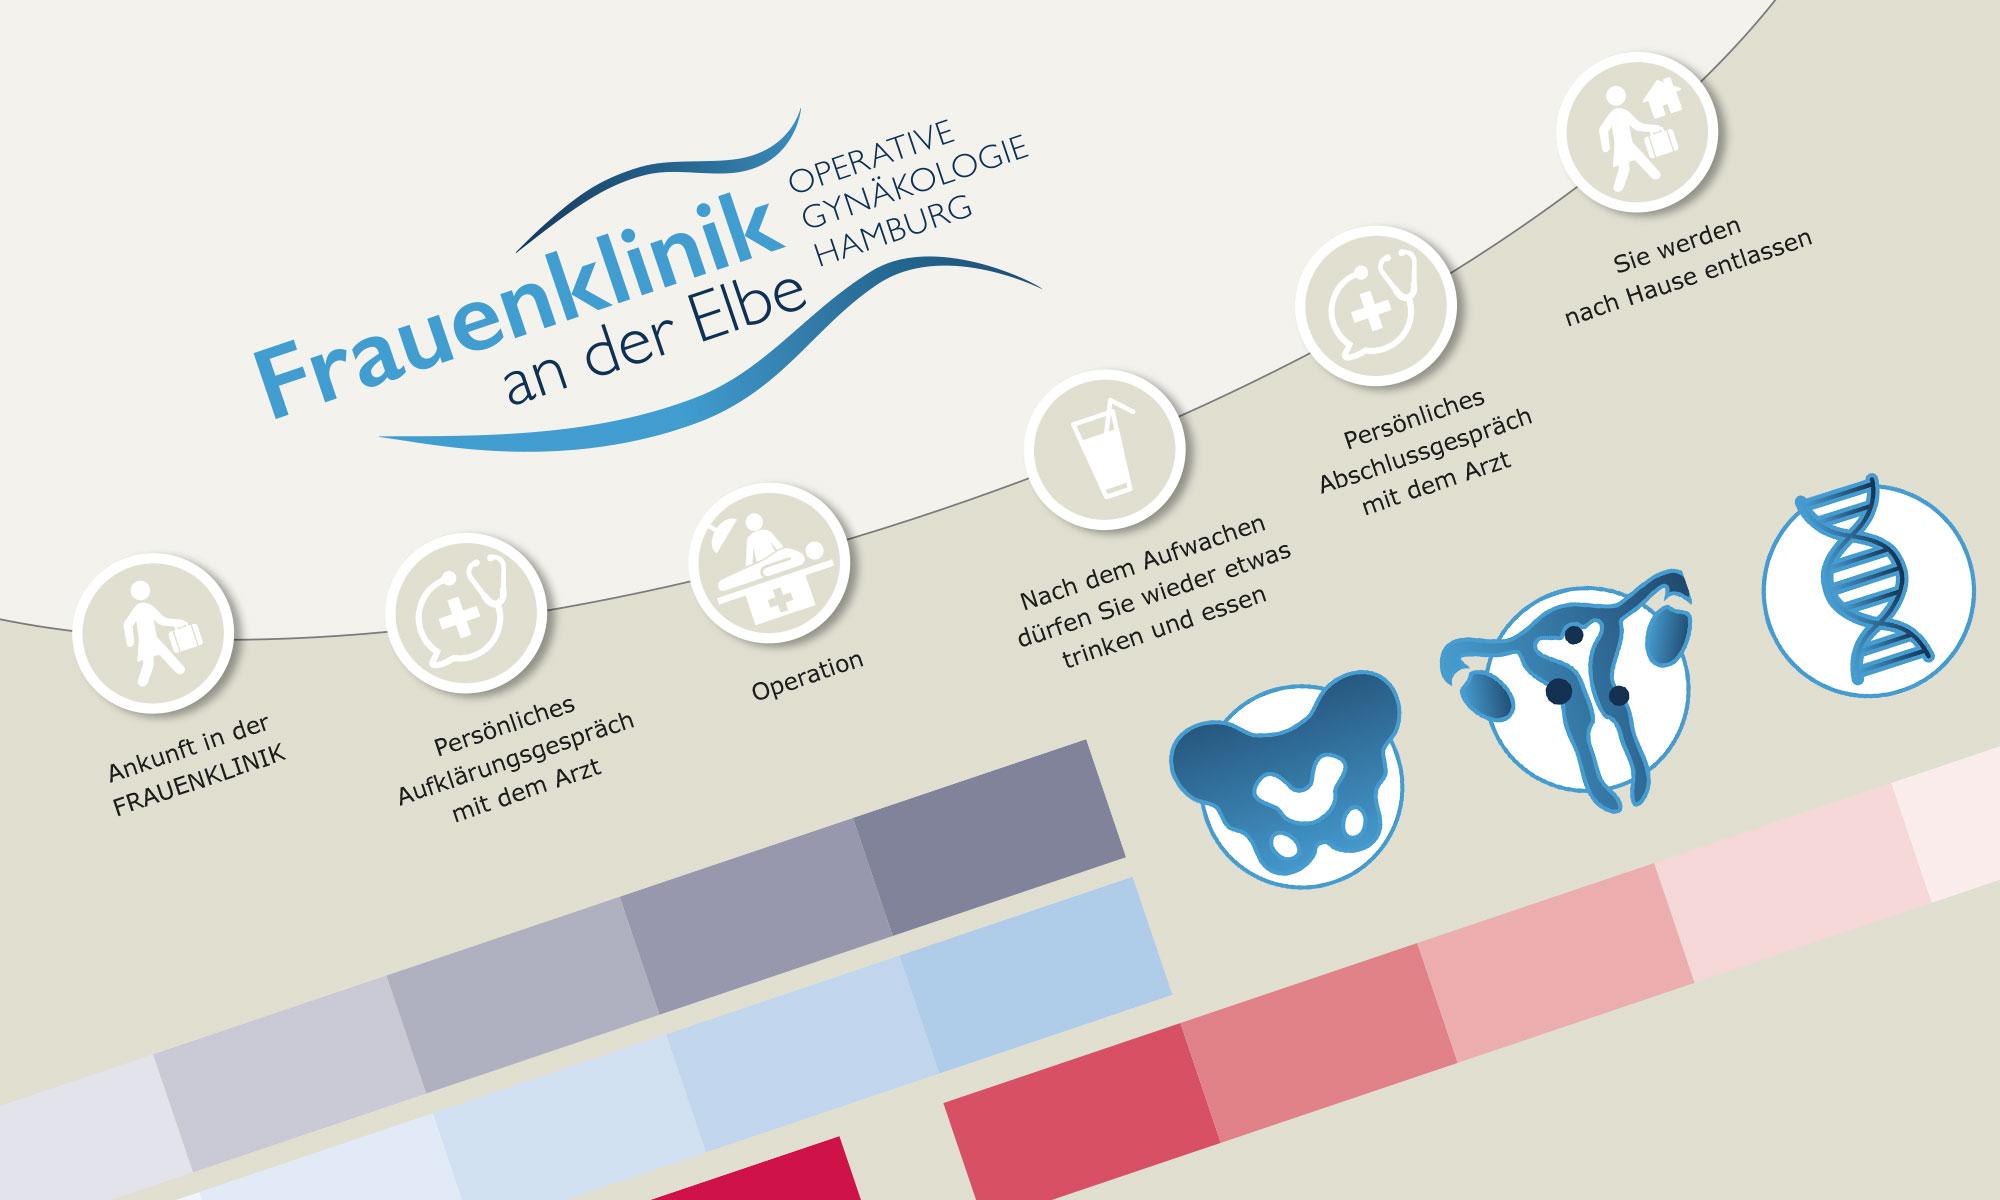 Für die Frauenklinik an der Elbe konzipierte LeFee Werbeagentur einen neuen Markenauftritt inkl. Corporate Design, Logoentwicklung und Naming